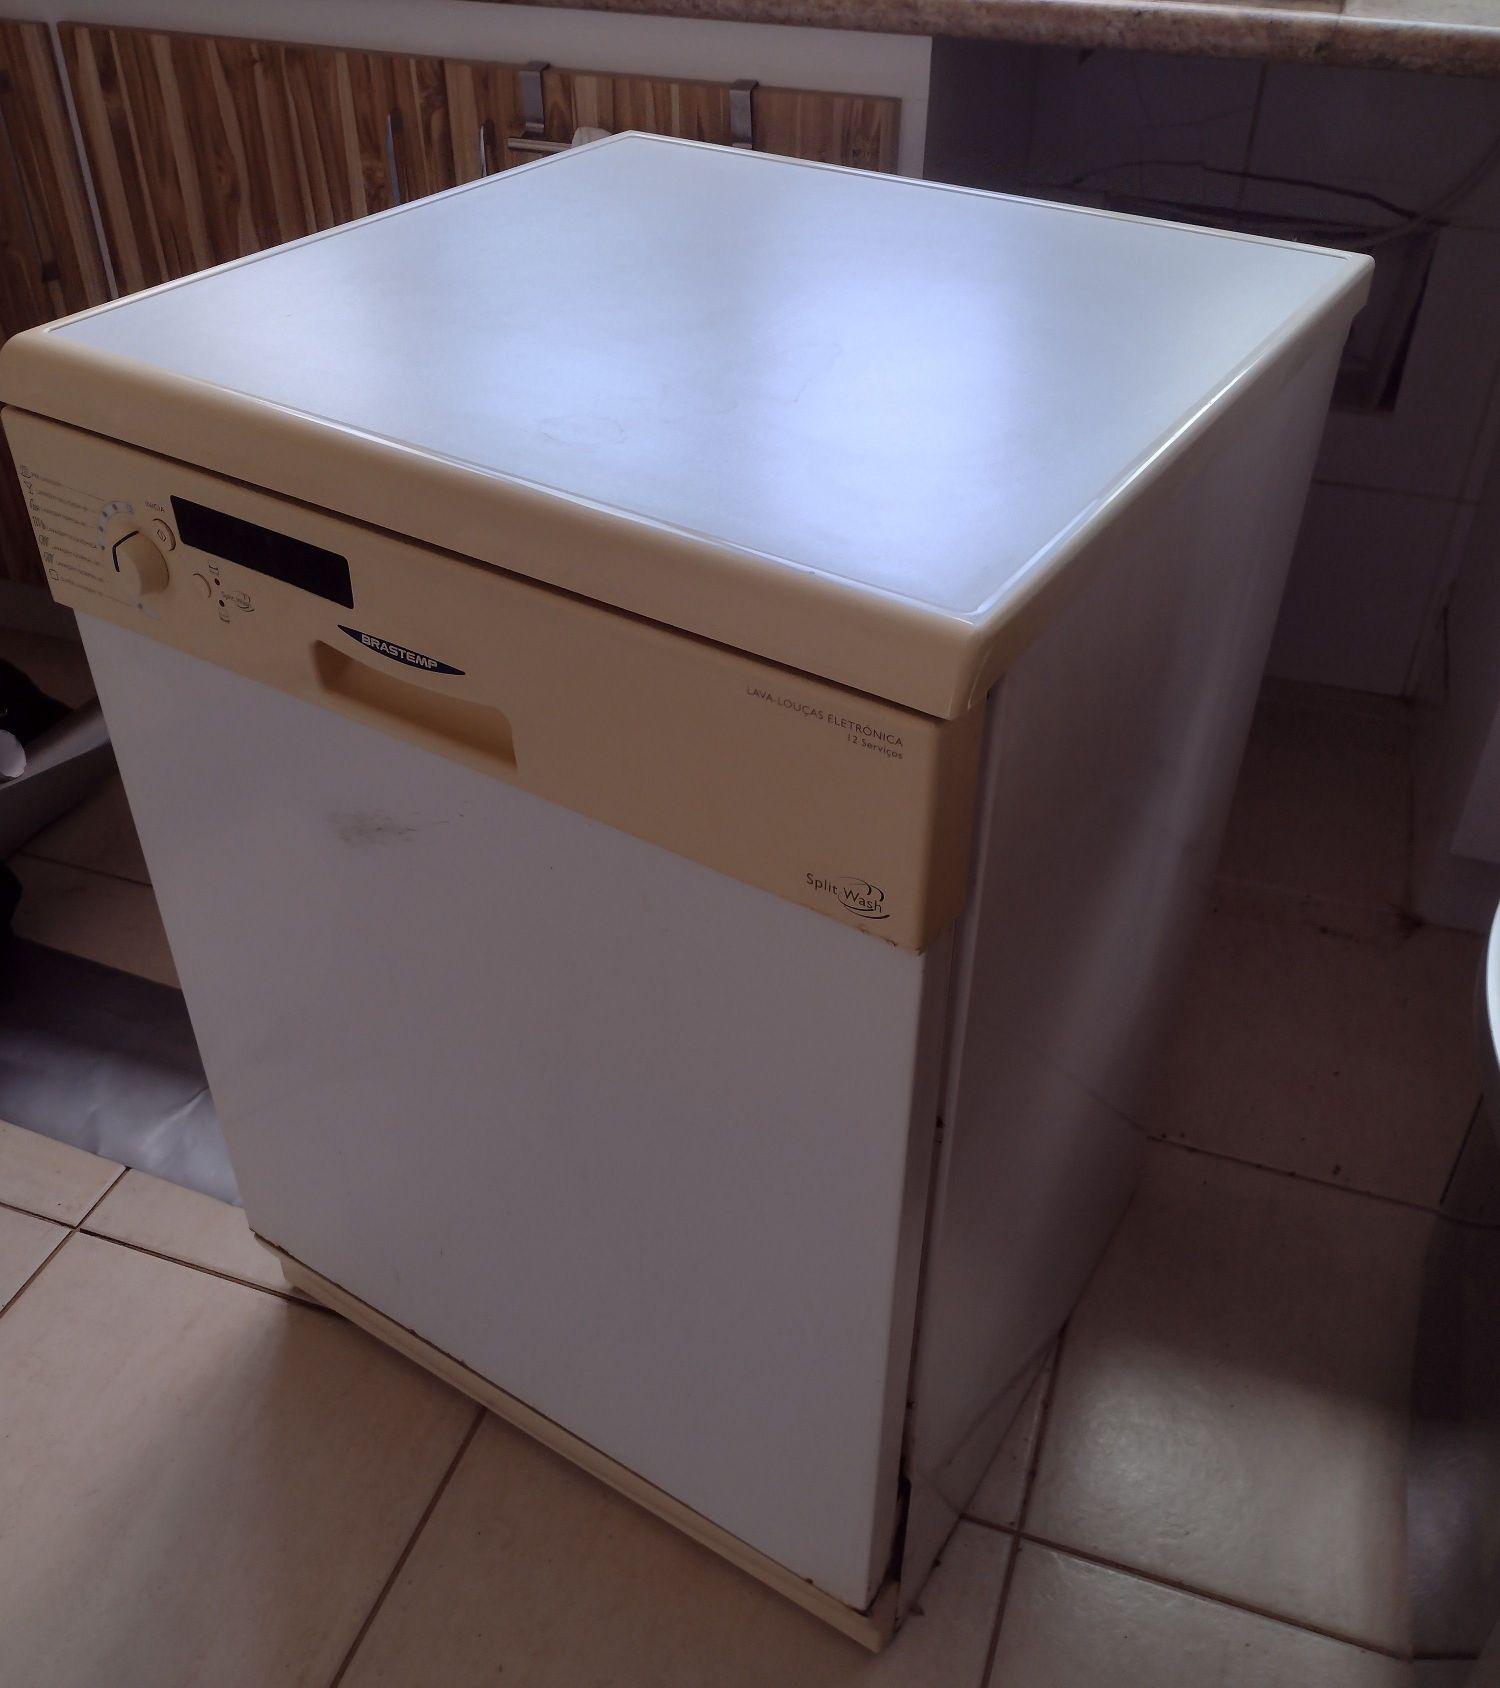 antes da lavadora de louça